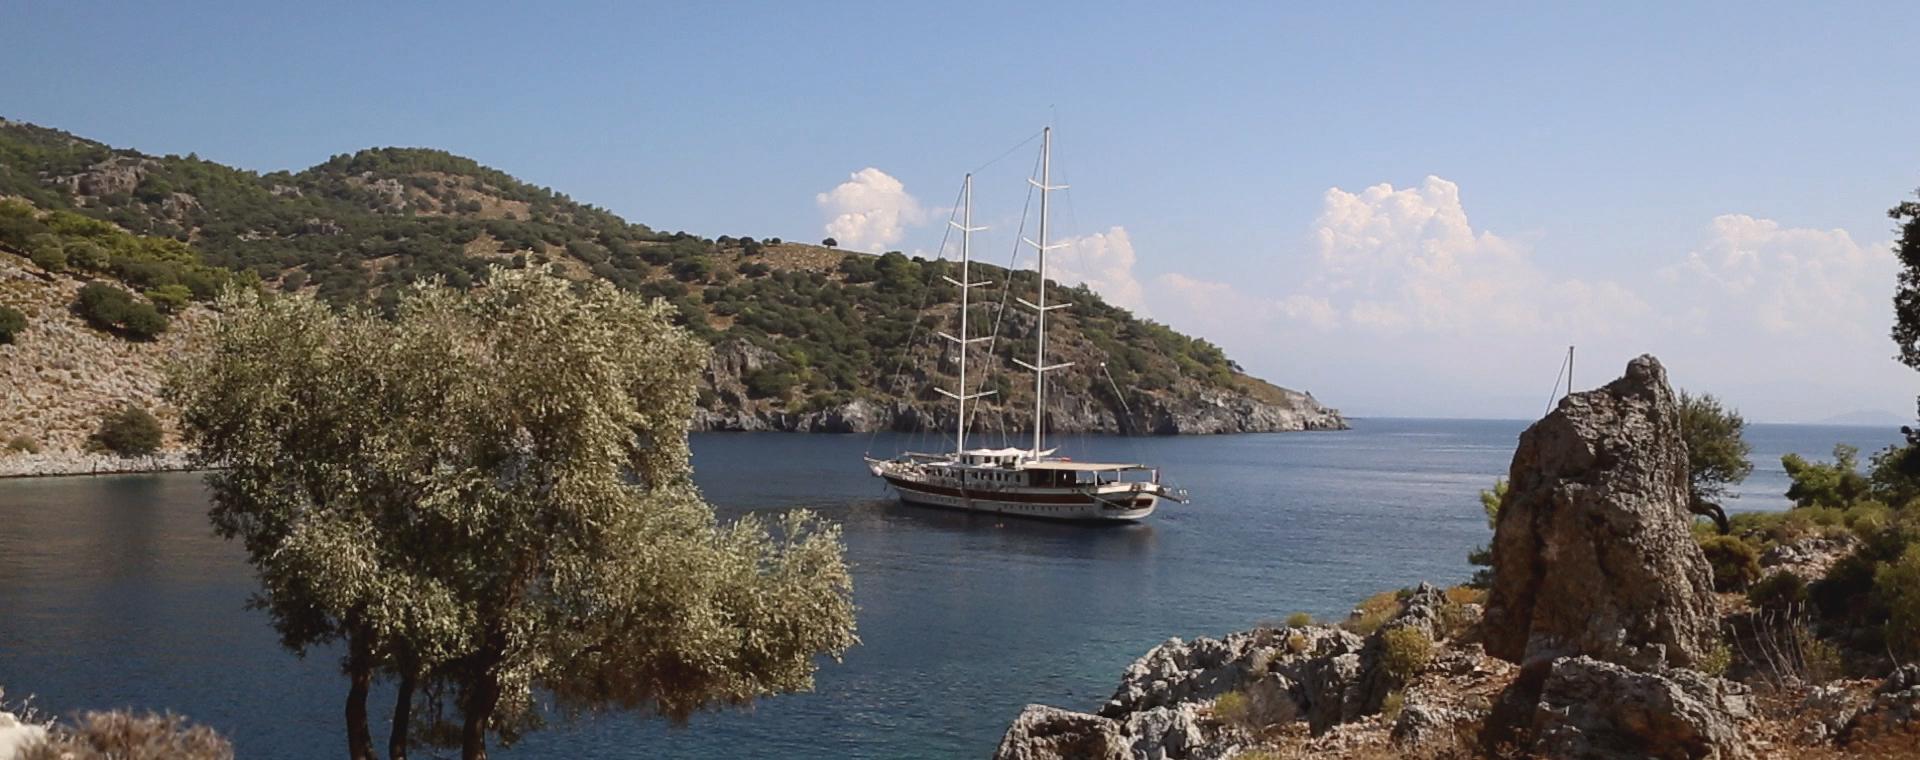 Sea, Sun and Detox in Turkey 2014